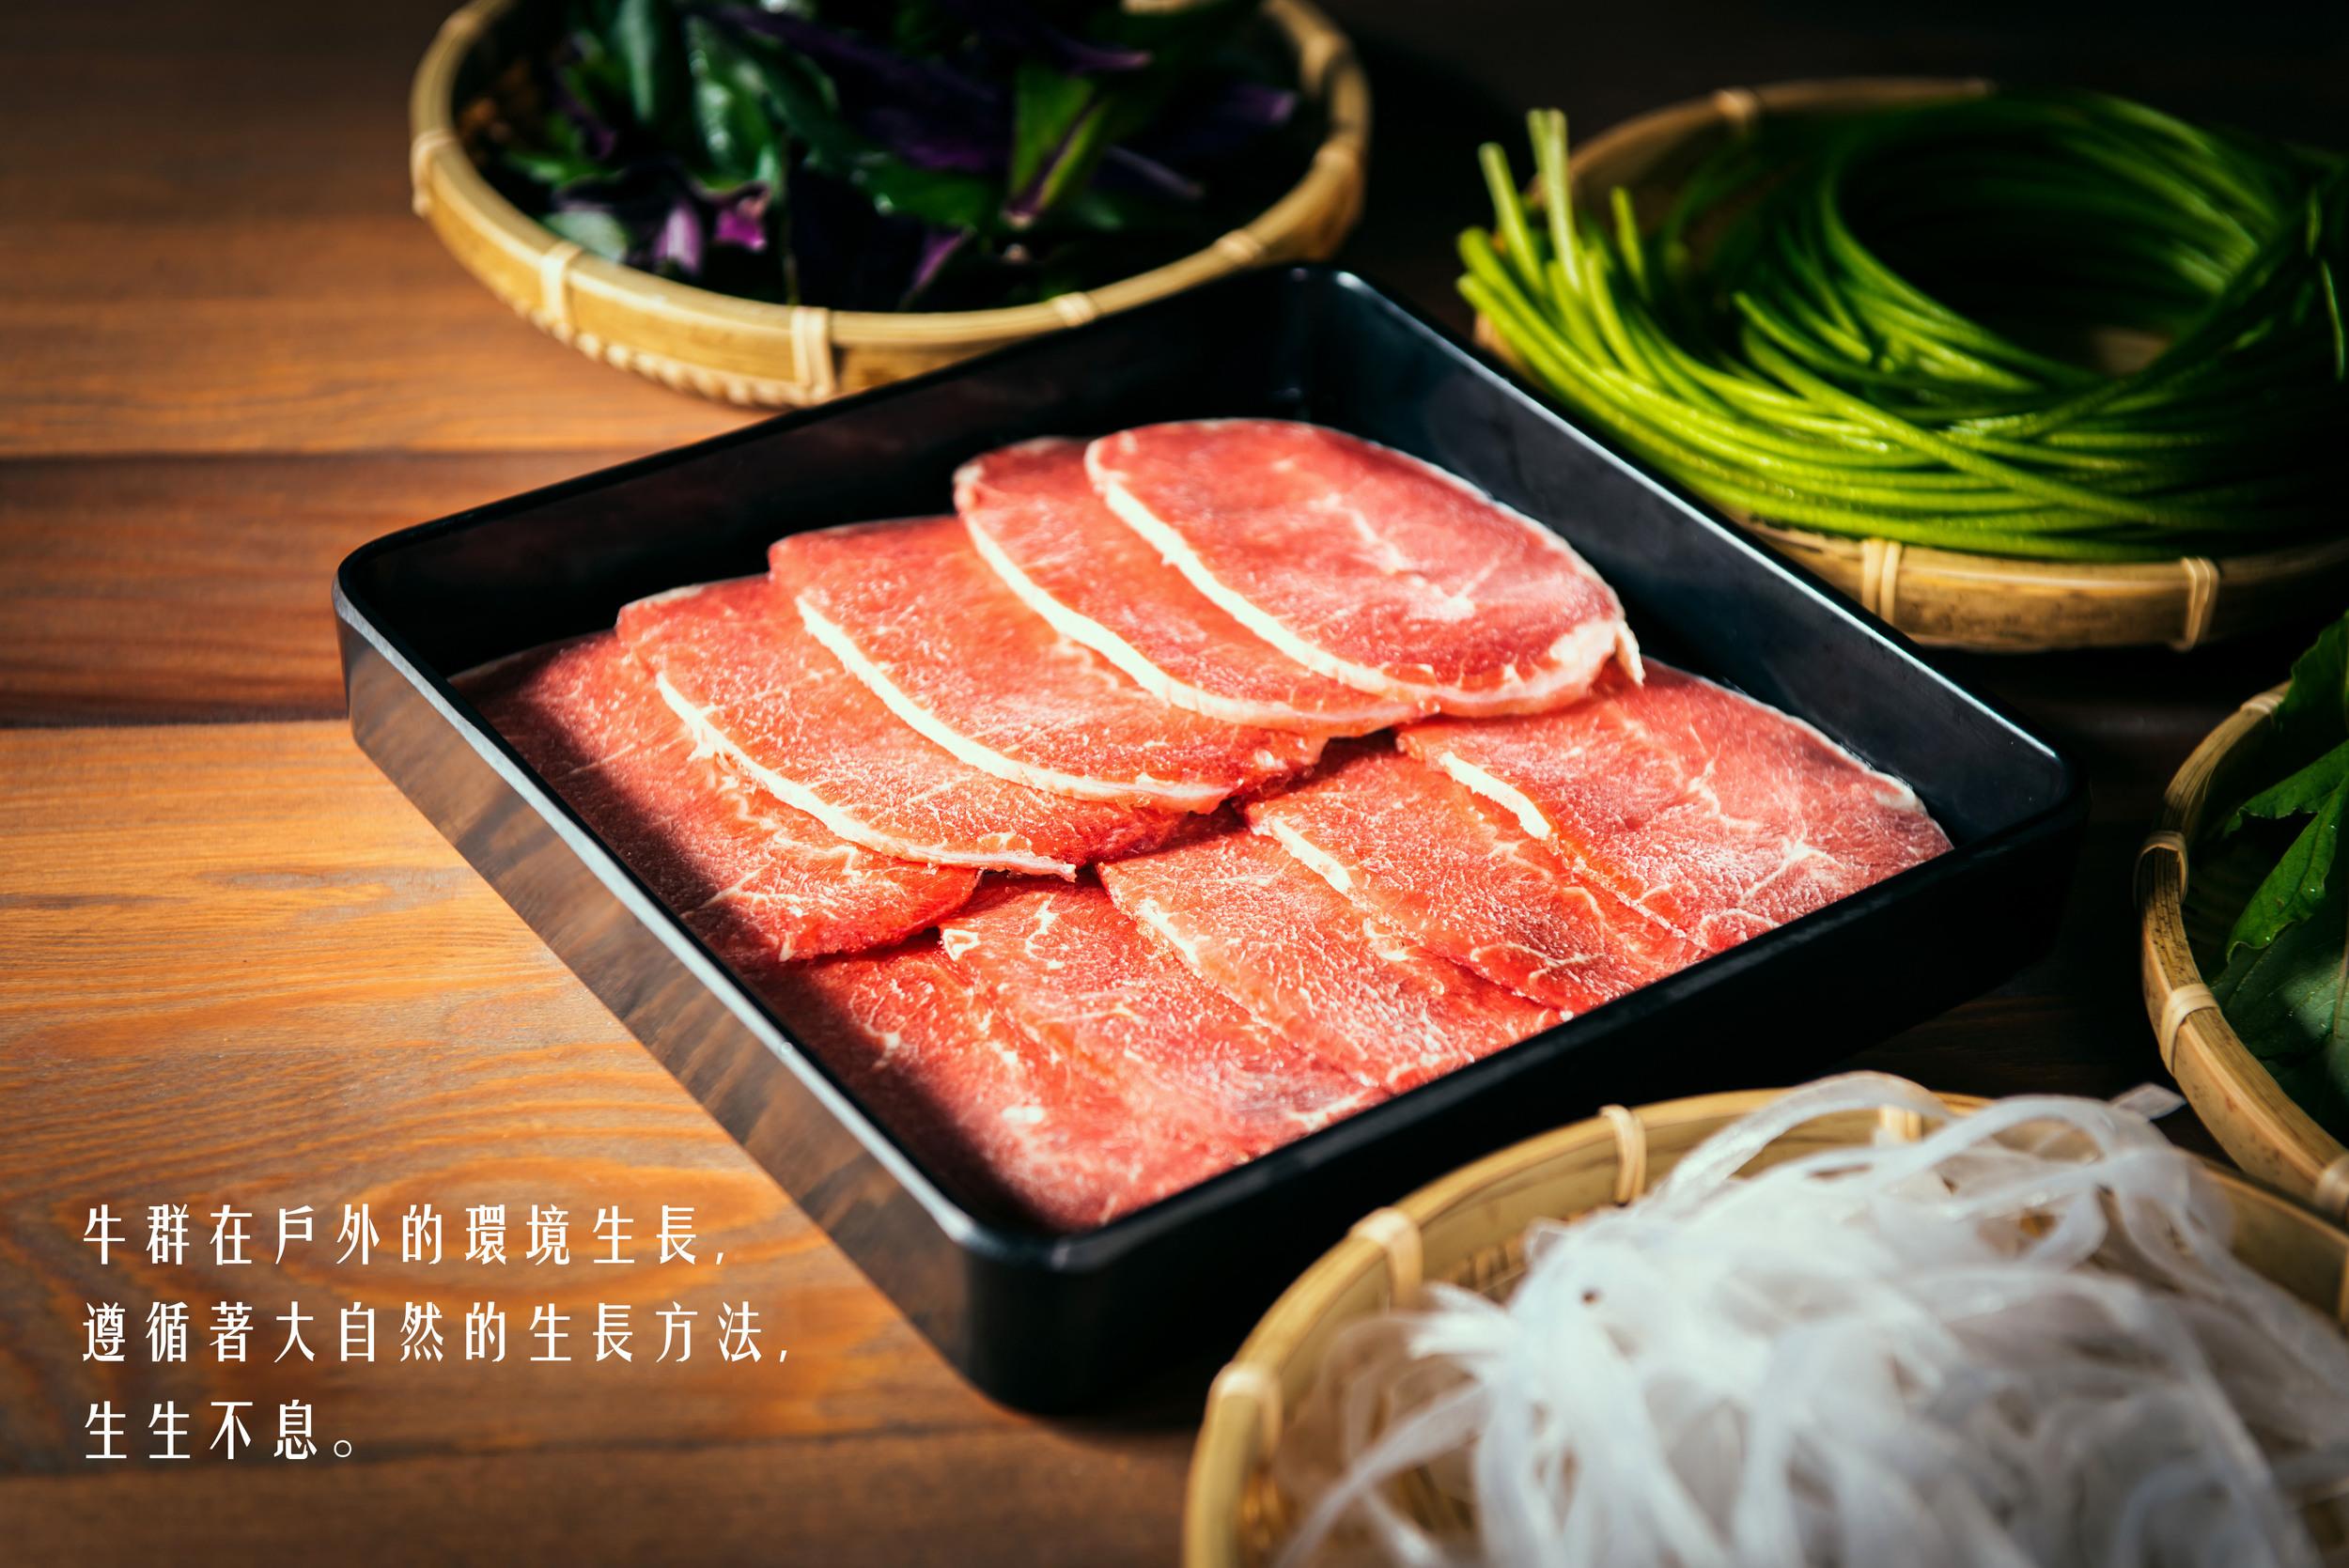 肉品介紹.jpg